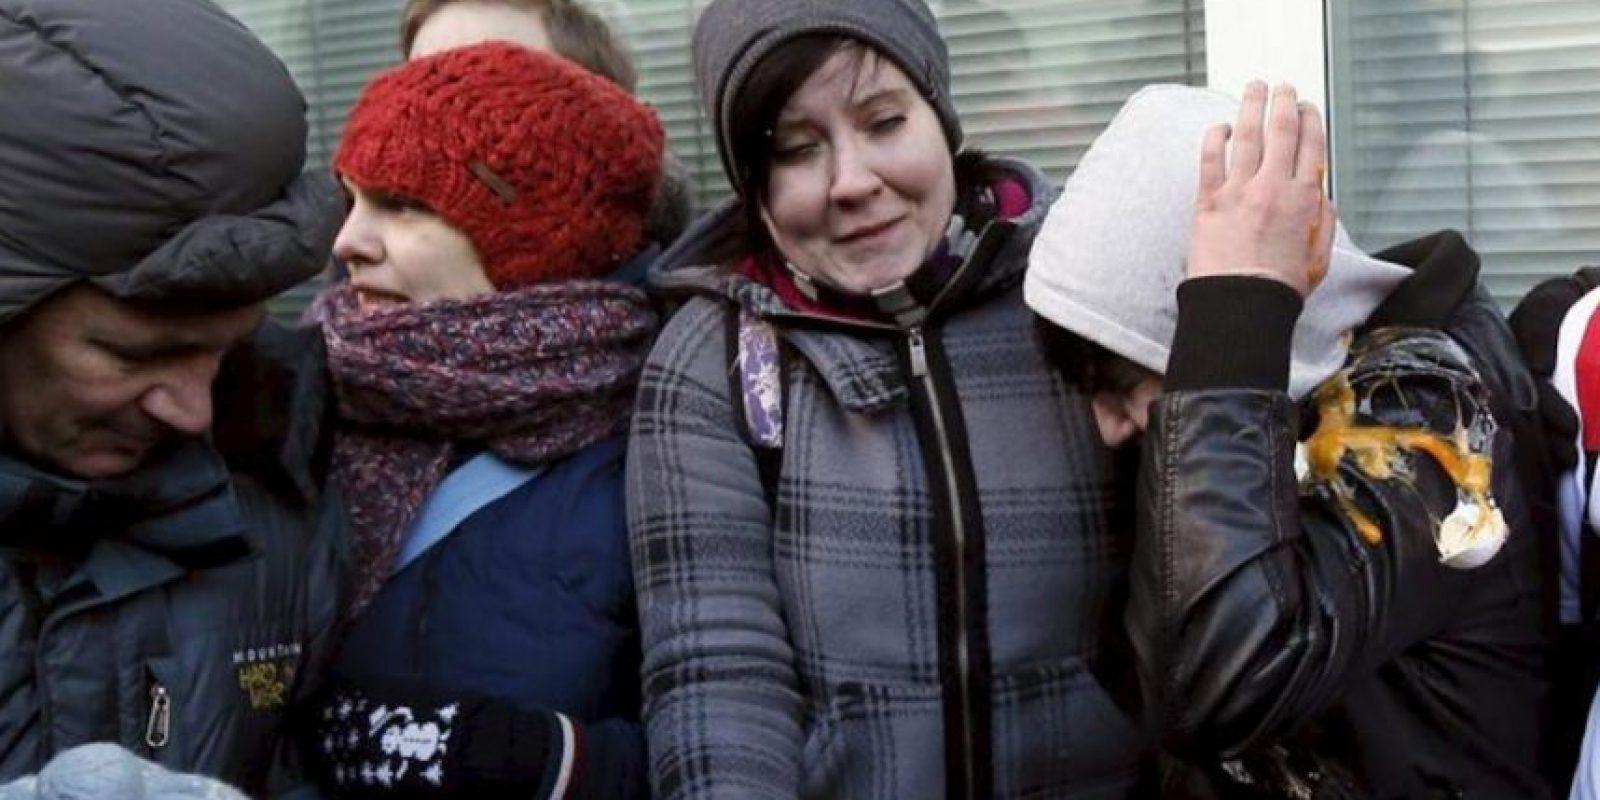 Activistas homosexuales son objetivo de un ataque con huevos y pintura tras darse un beso en la boca durante una protesta en favor de los derechos de los homosexuales frente la Duma o cámara de diputados, en Moscú, Rusia. EFE